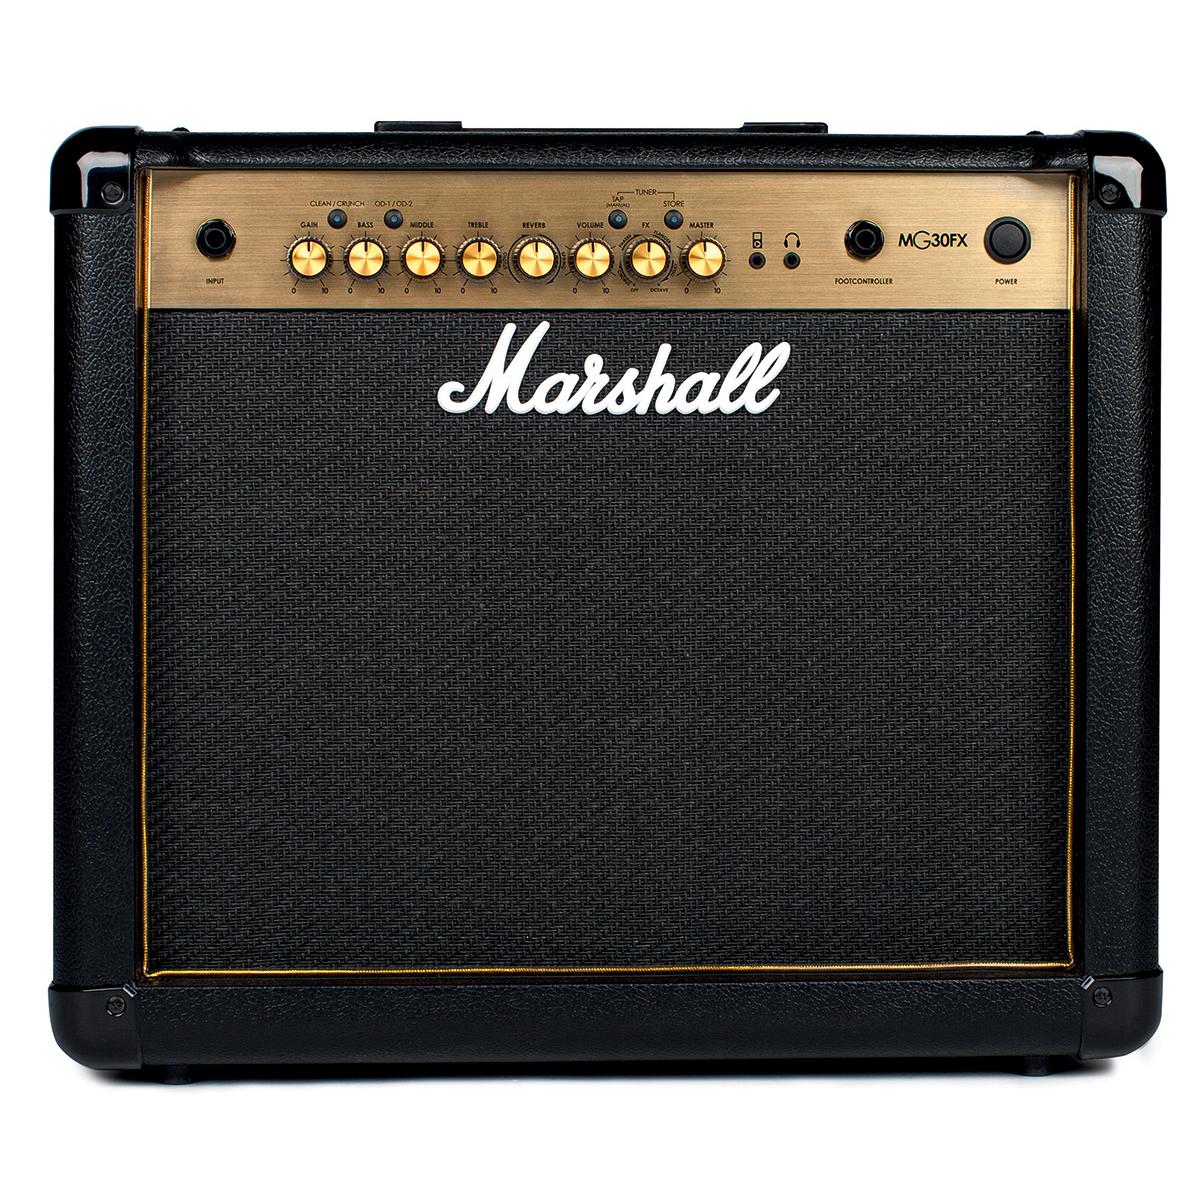 Marshall - MG30FX - Ampli guitare